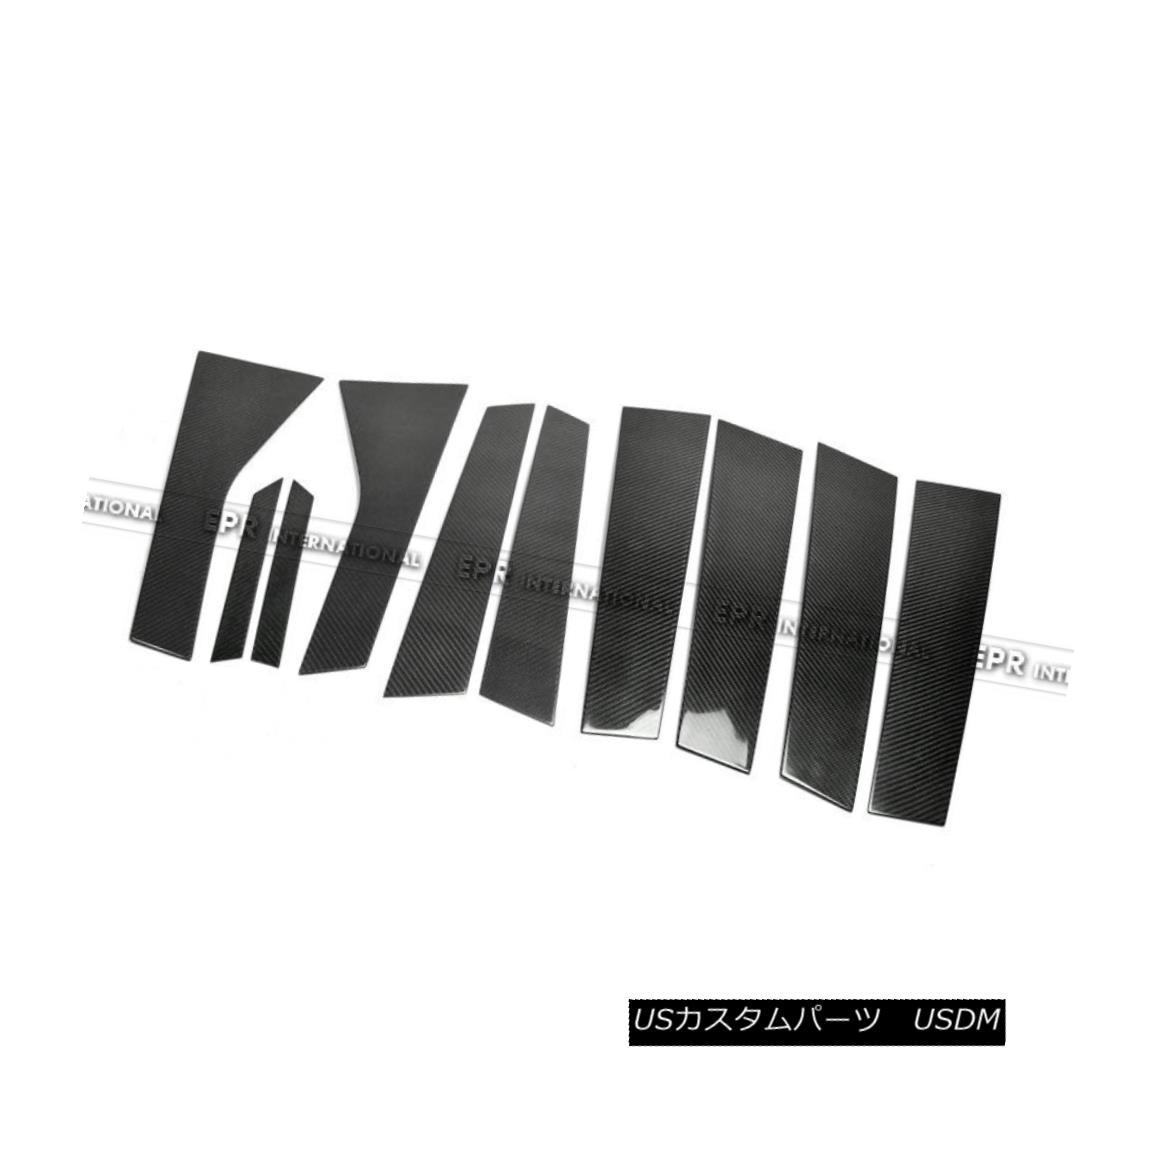 エアロパーツ ABC 10Pcs A & B-Pillar Cover Stick On Type For Porsche Cayenne 958 Carbon Fiber ABC 10個A& B-ピラーカバースティックタイプポルシェカイエン958炭素繊維